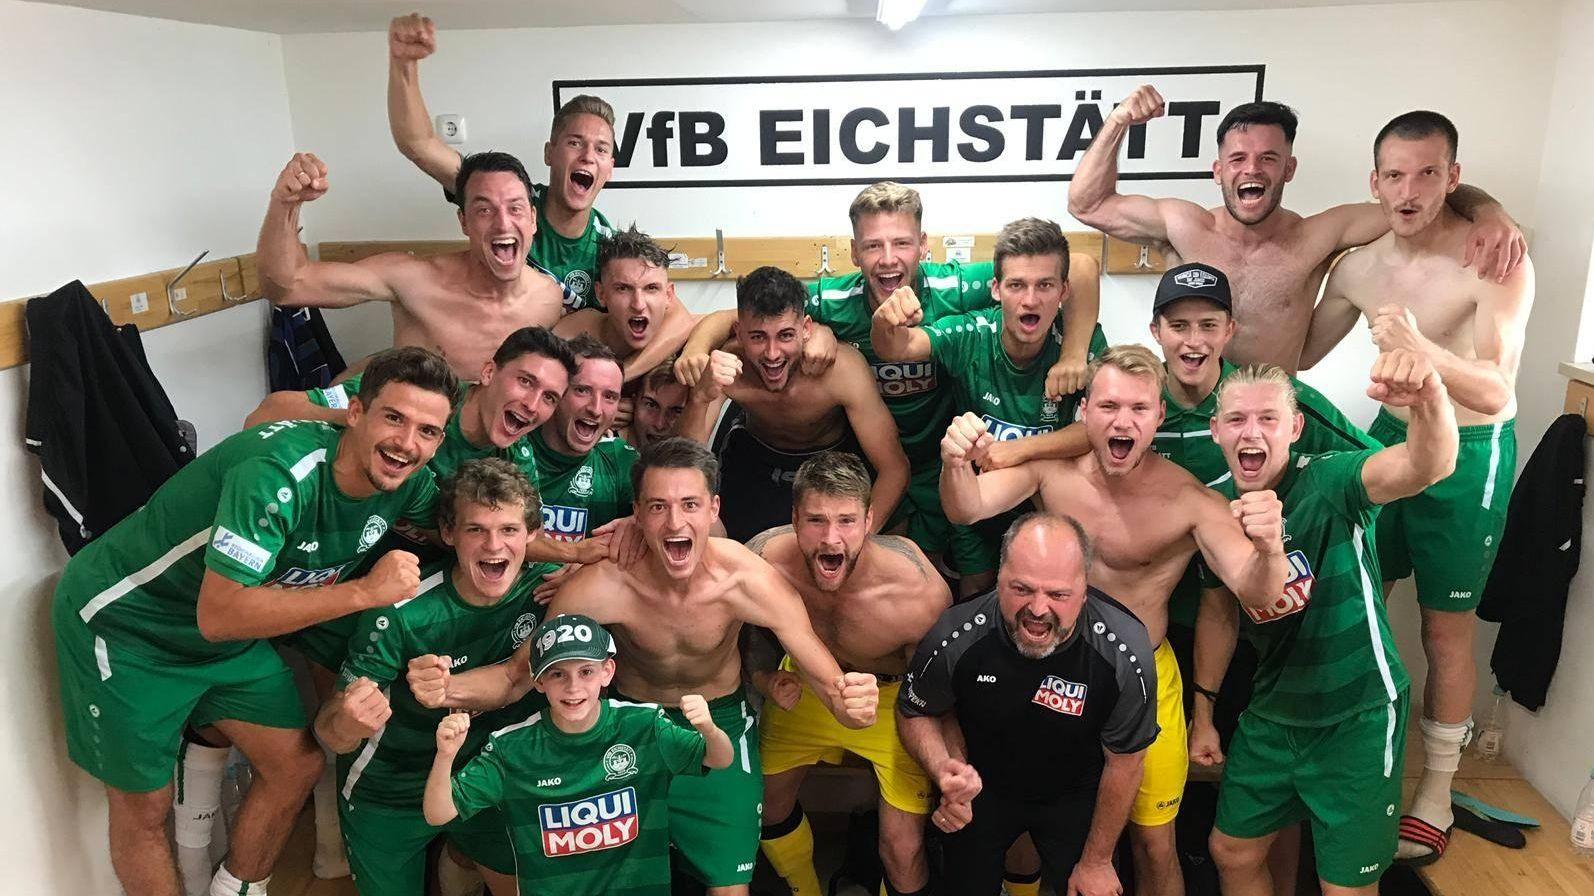 Die Spieler des VfB Eichstätt bejubeln am 20. Juli 2019 in der Kabine den Sieg über Schalding.